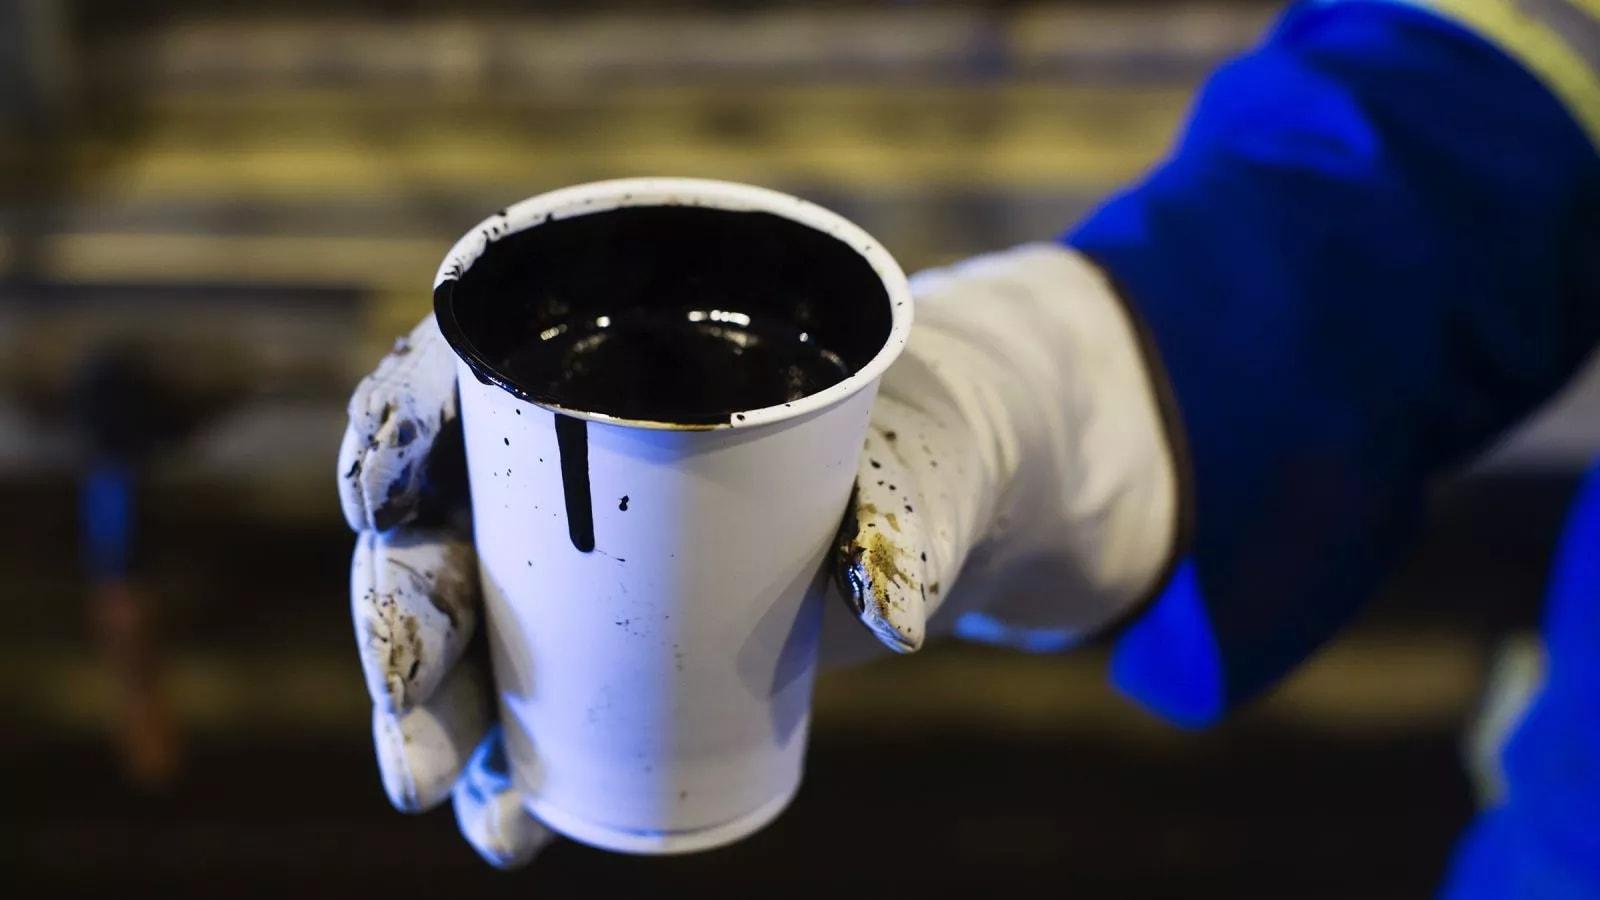 «Транснефть» снизила транзит нефти через государство Украину из-за жалоб покупателей накачество